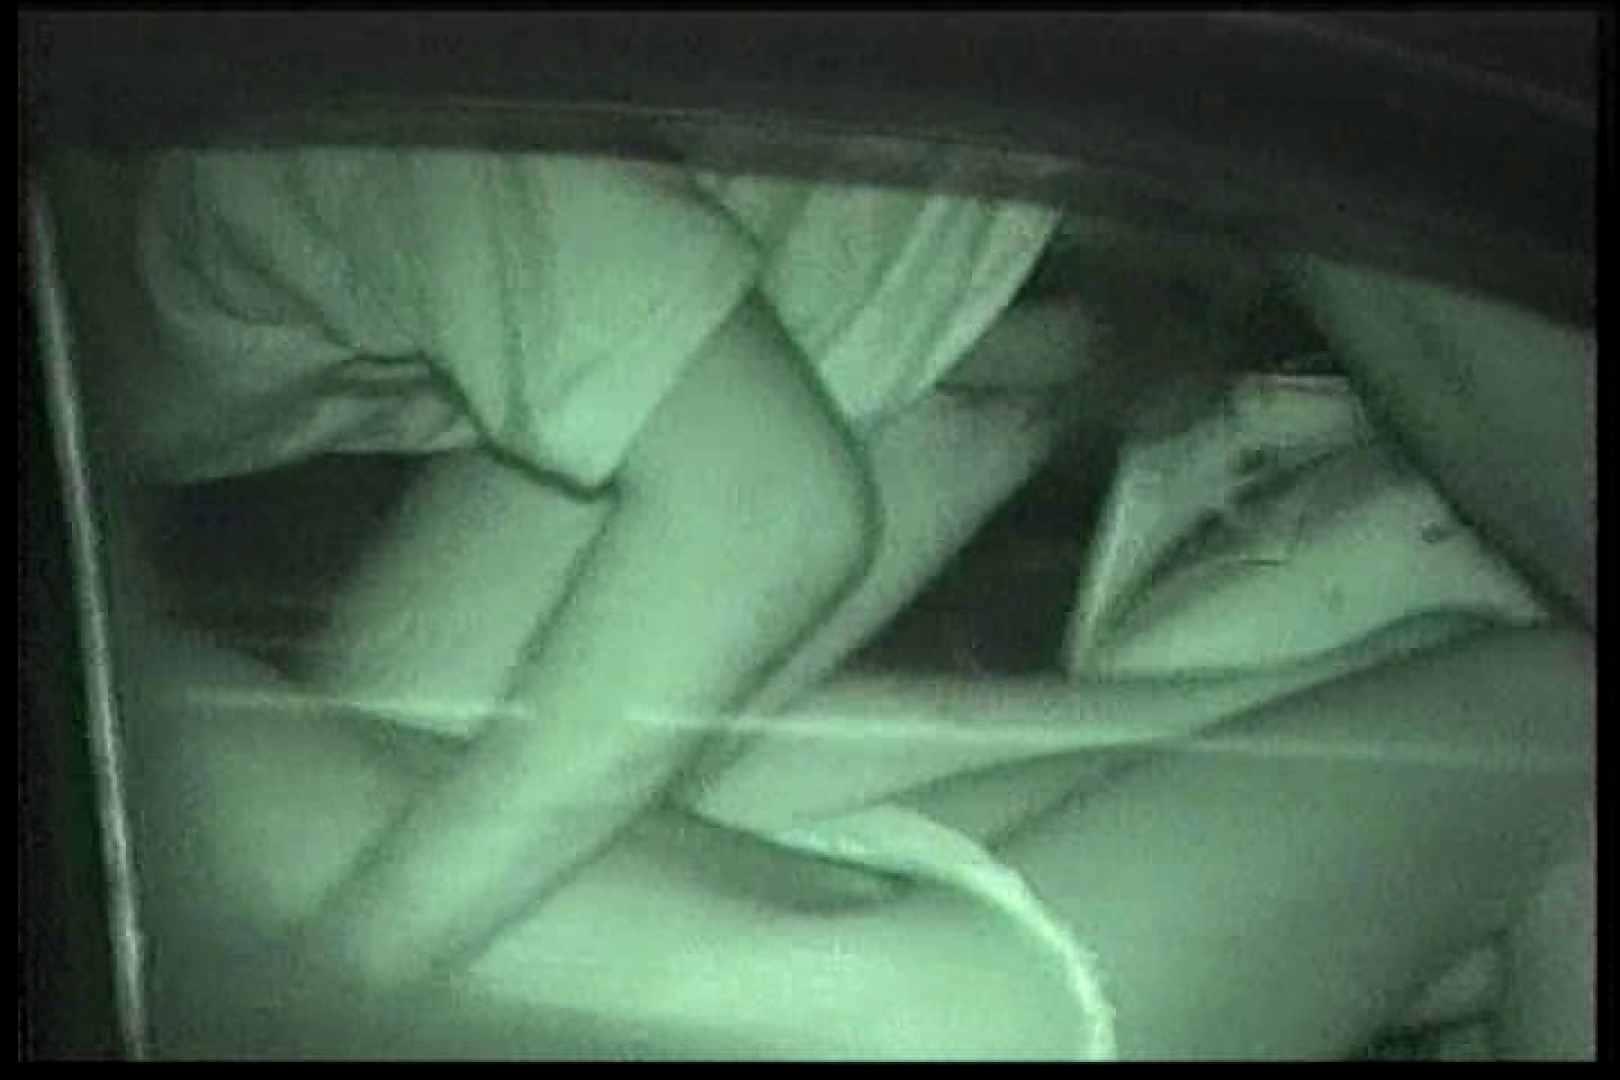 車の中はラブホテル 無修正版  Vol.11 すけべなカップル   セックス  86画像 73